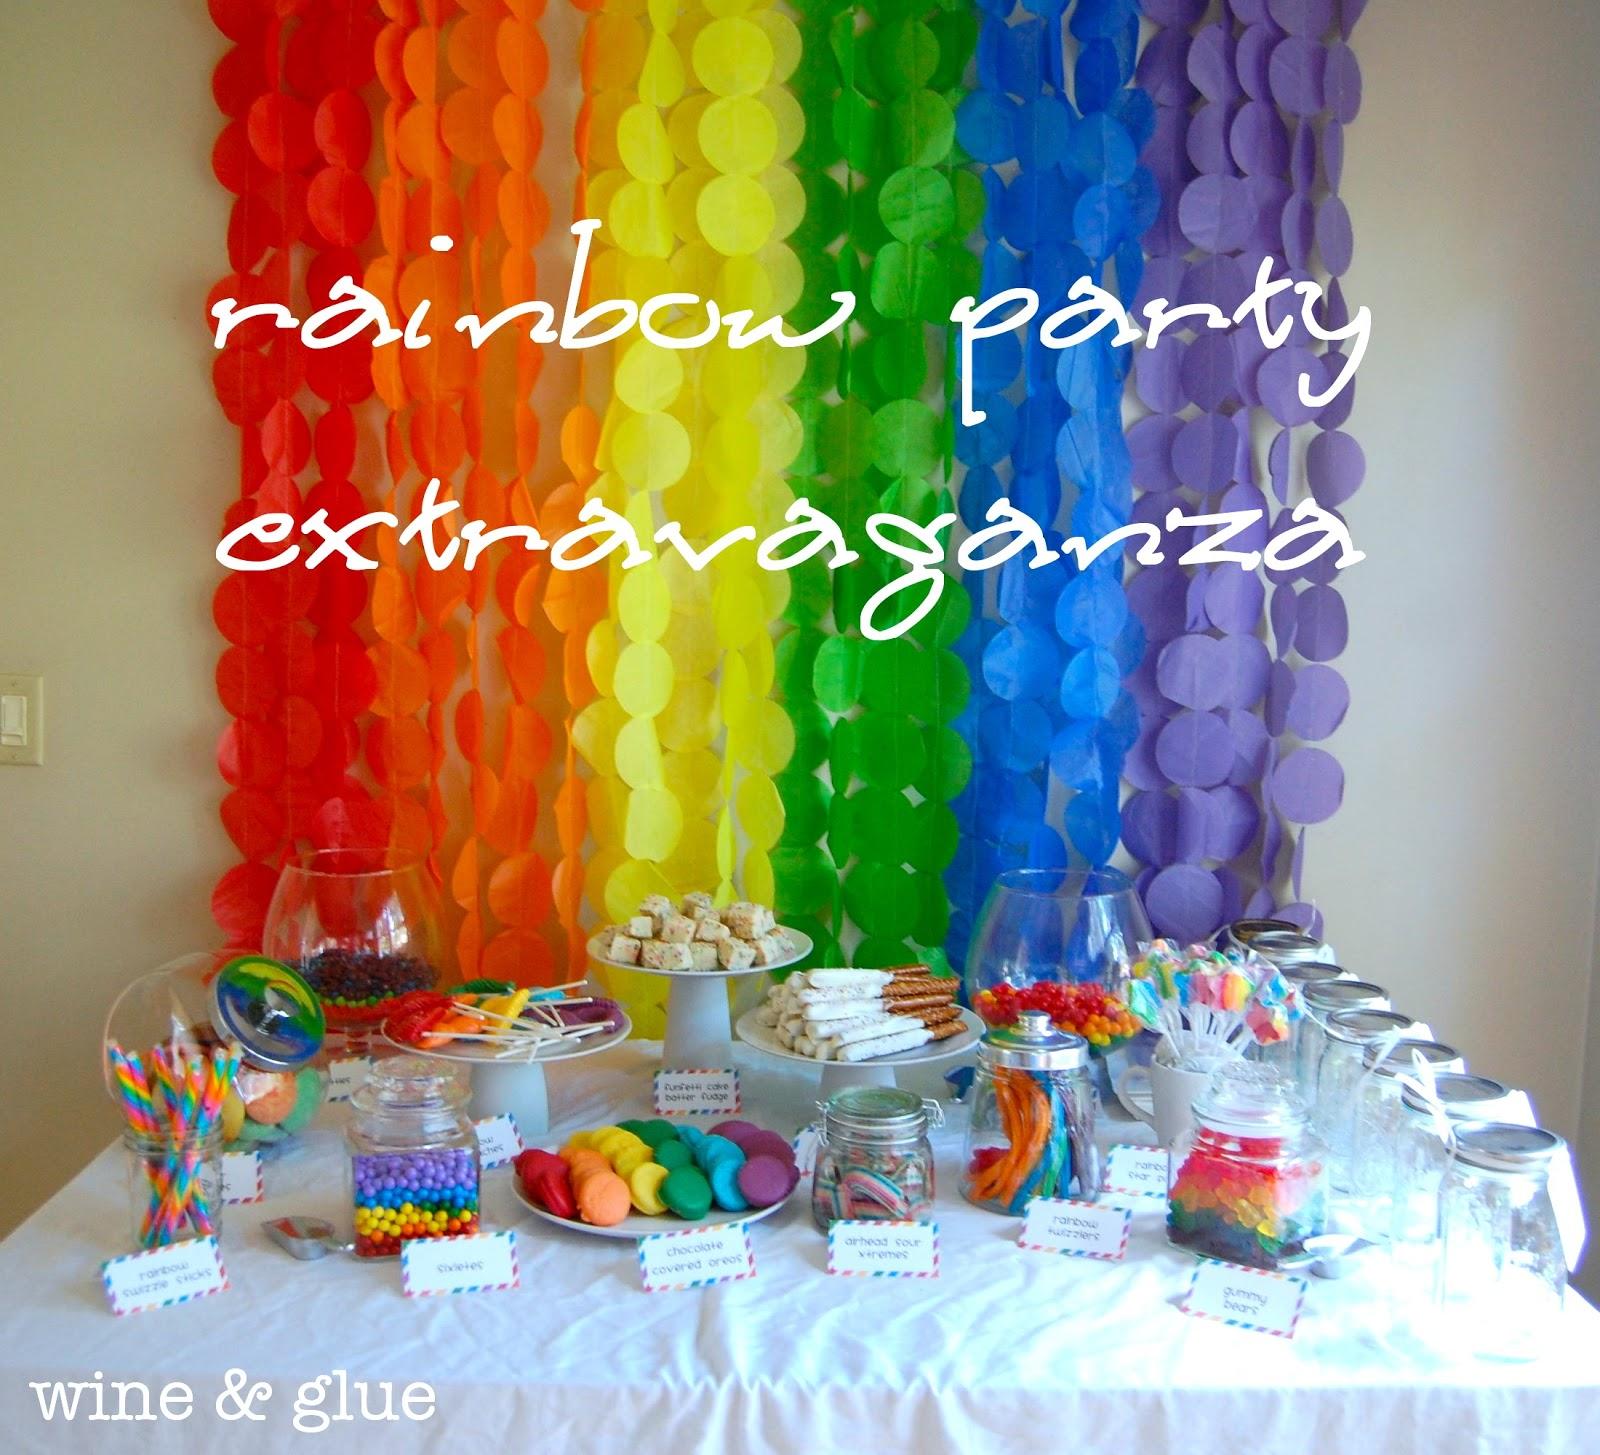 Rainbow Party Extravaganza! - Wine & Glue